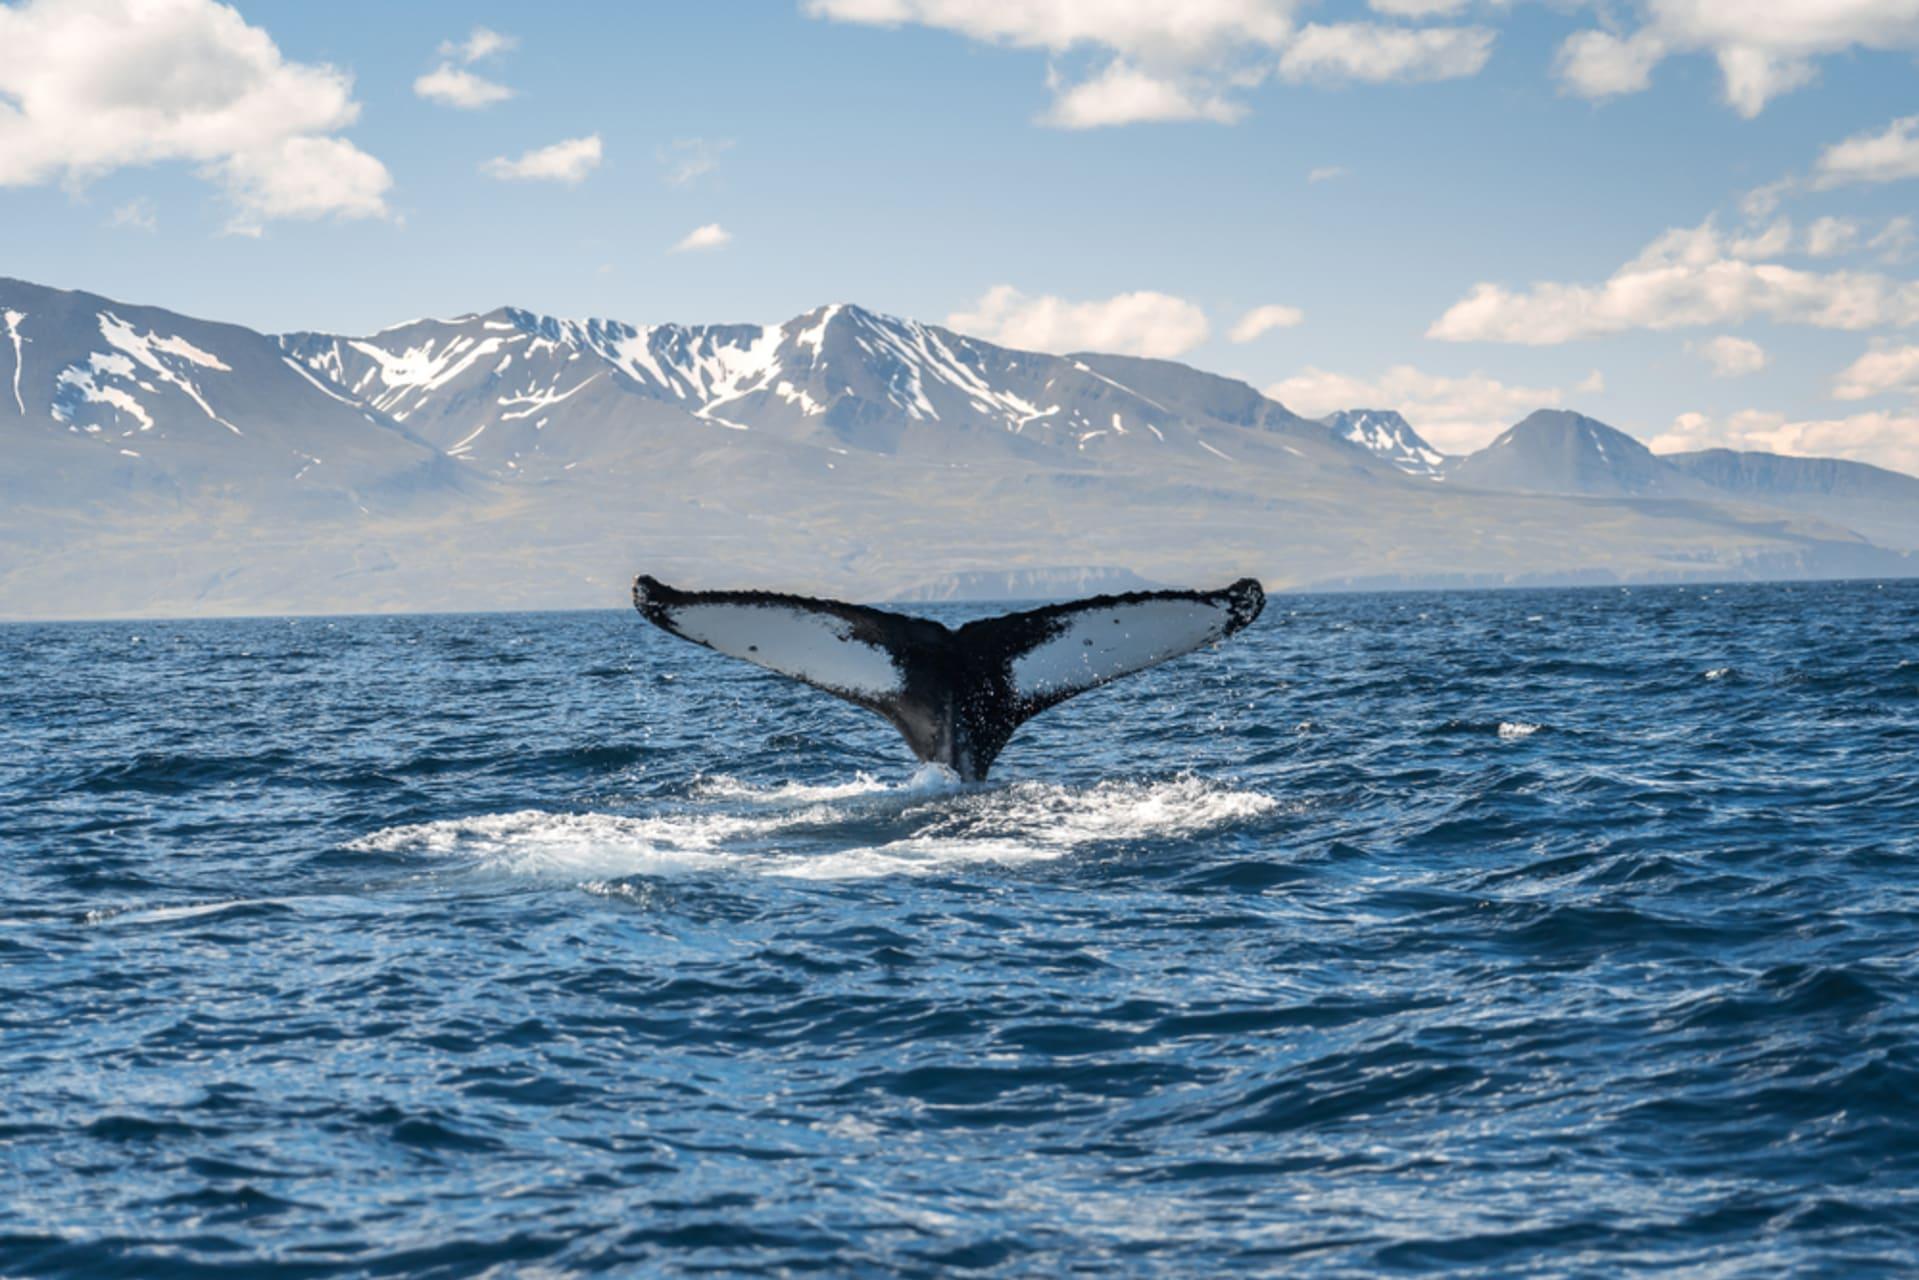 North Iceland - Húsavík Whale watching